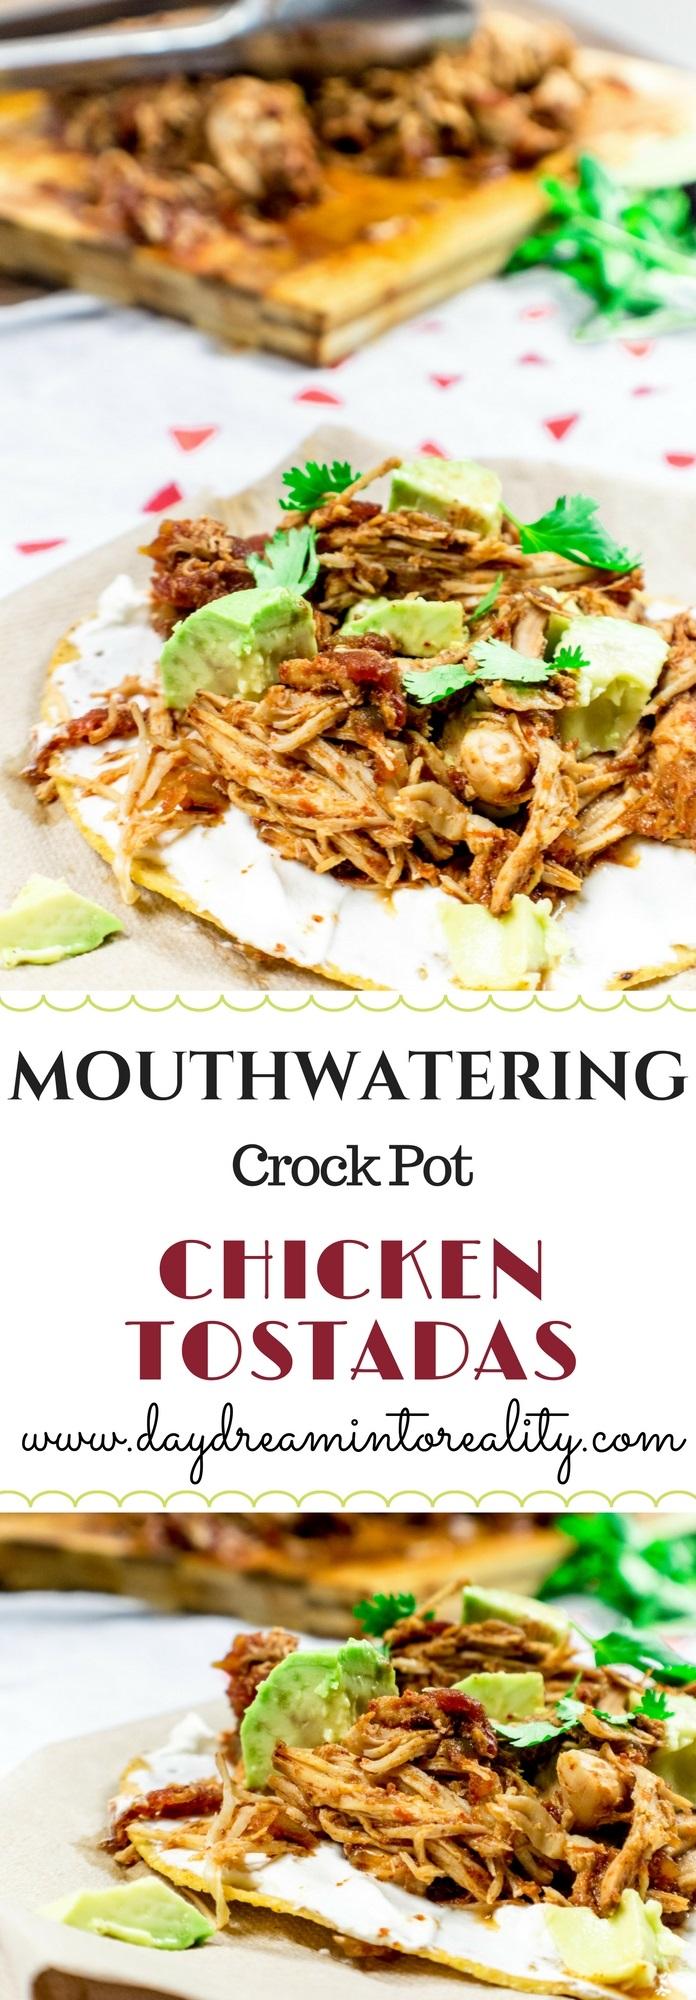 Mouthwatering Crock Pot Chicken Tostadas